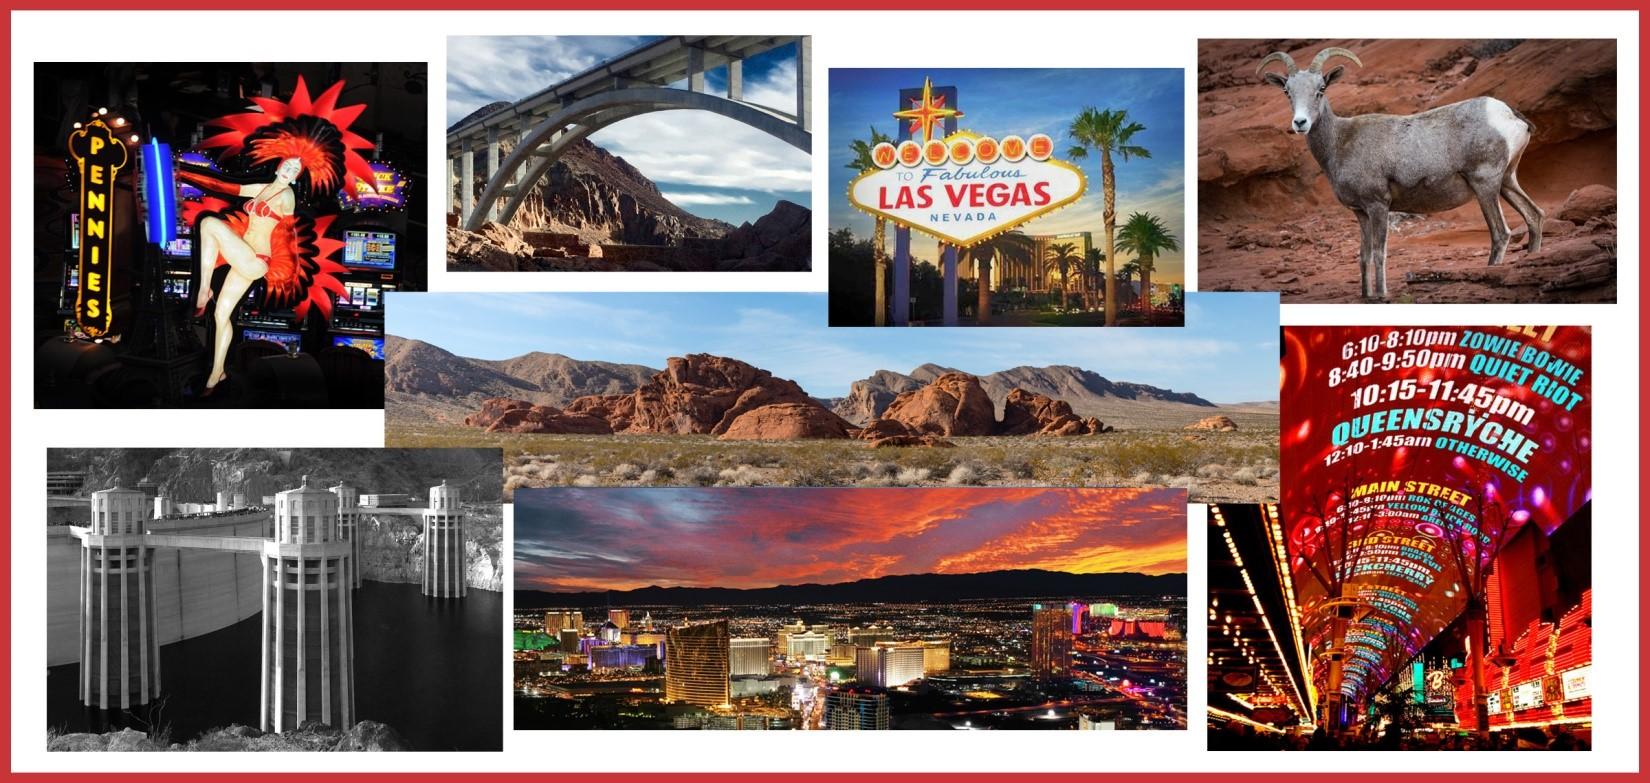 Las Vegas group